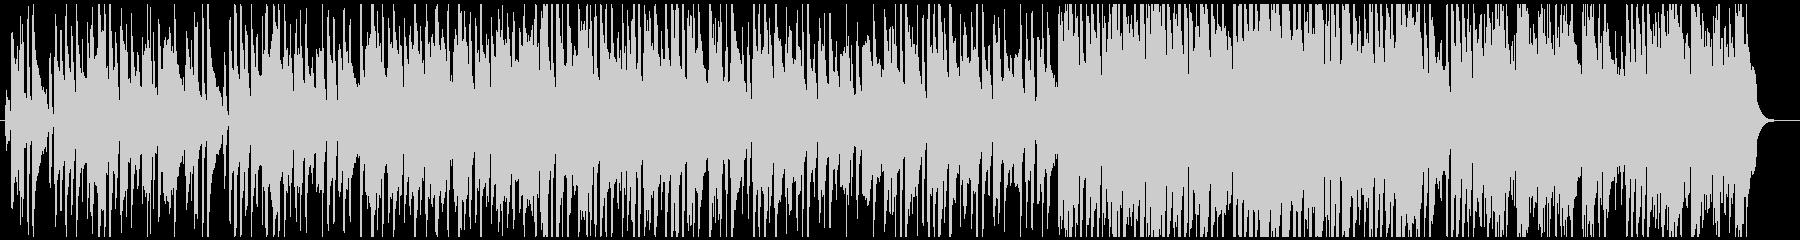 北欧系ののどかなアルペン音楽の未再生の波形